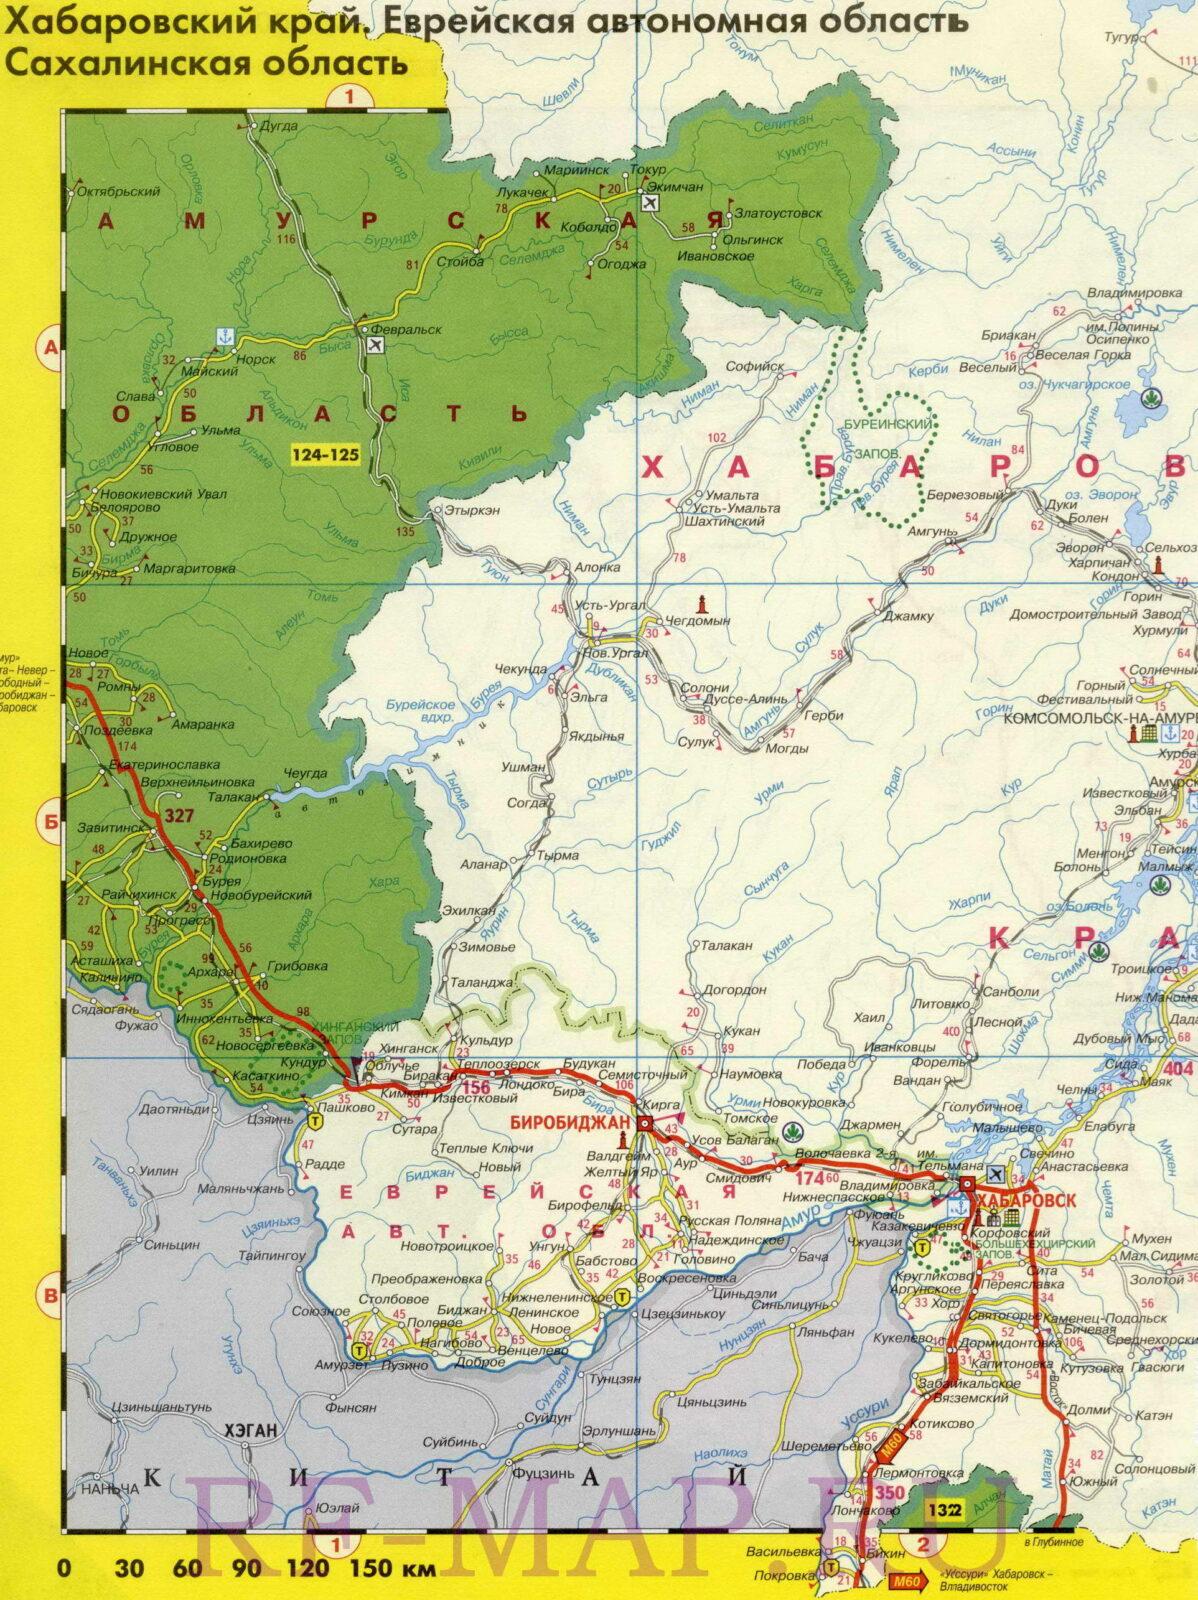 Карта дорог с расстояниями Еврейской автономной области и Хабаровского края